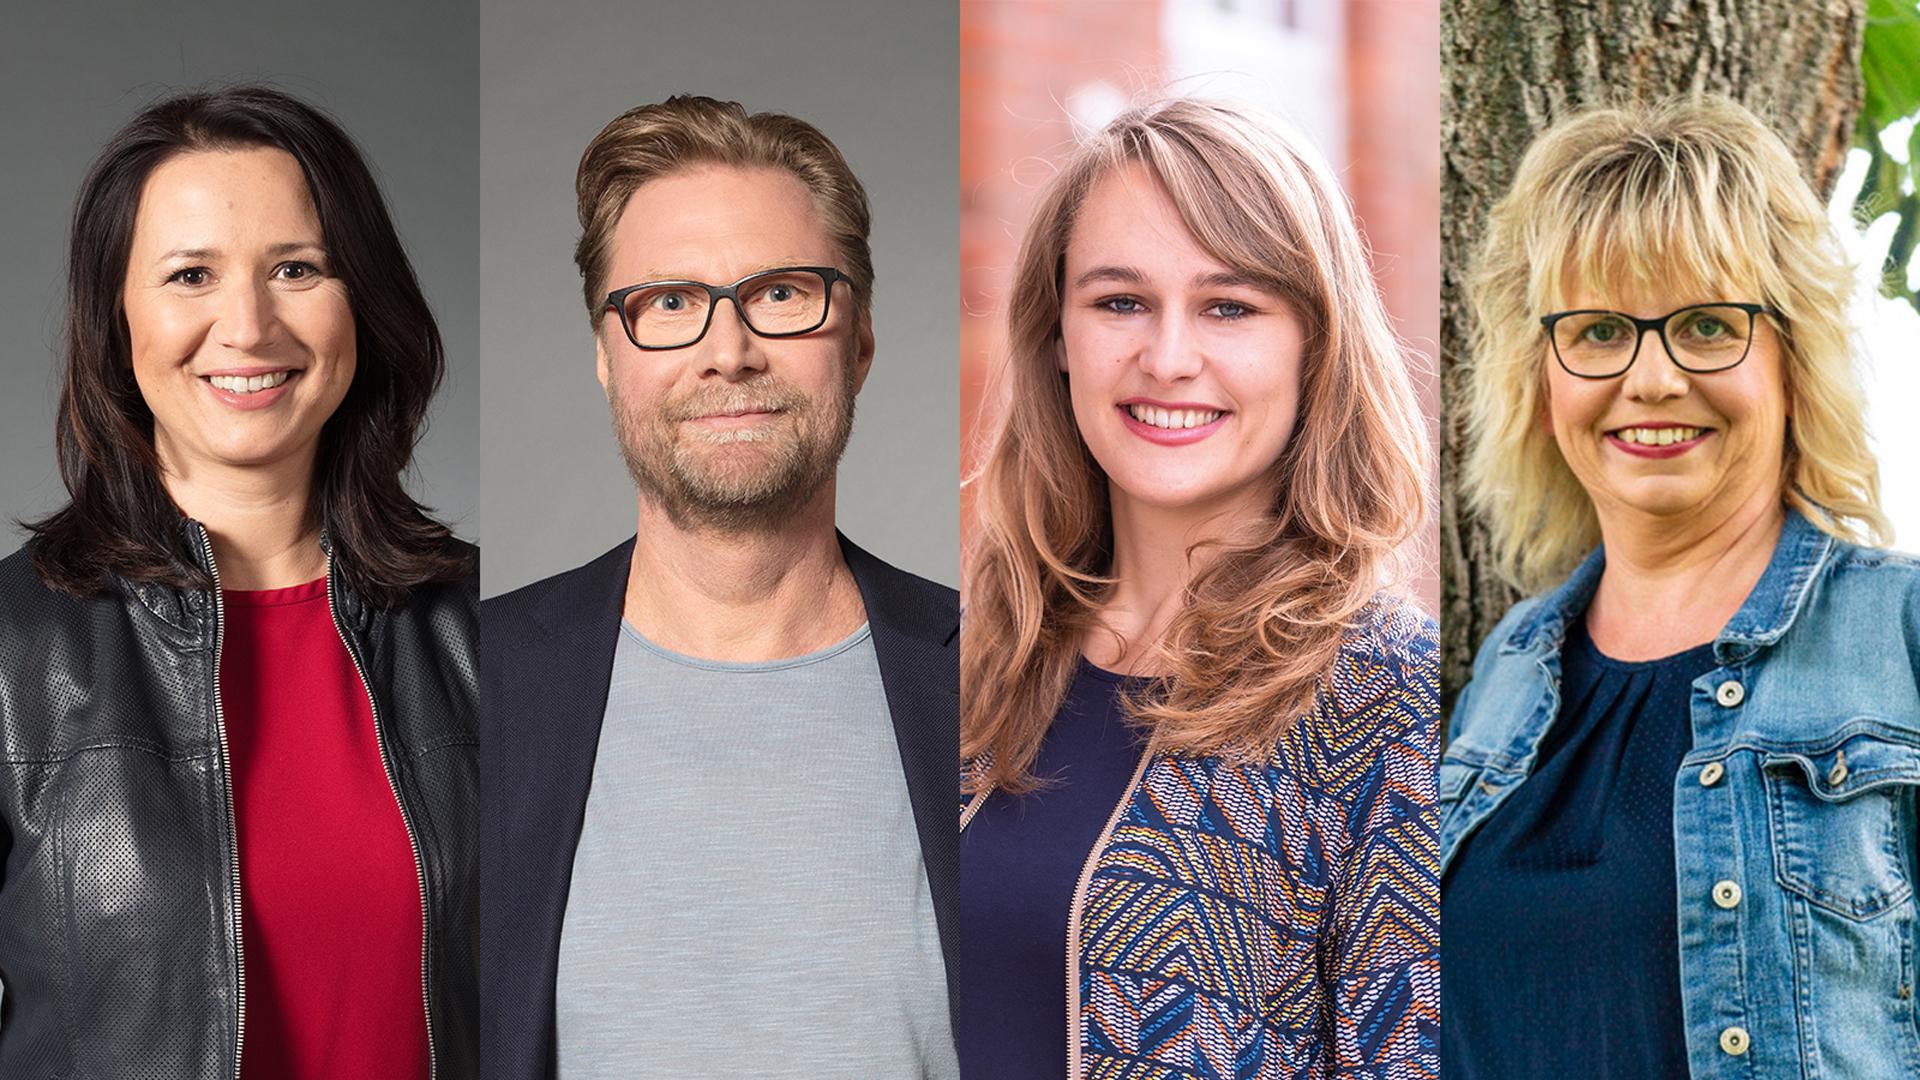 Grüne Landtagsfraktion: Anja und Dirk legen Mandat nieder, Laura und Babett rücken nach